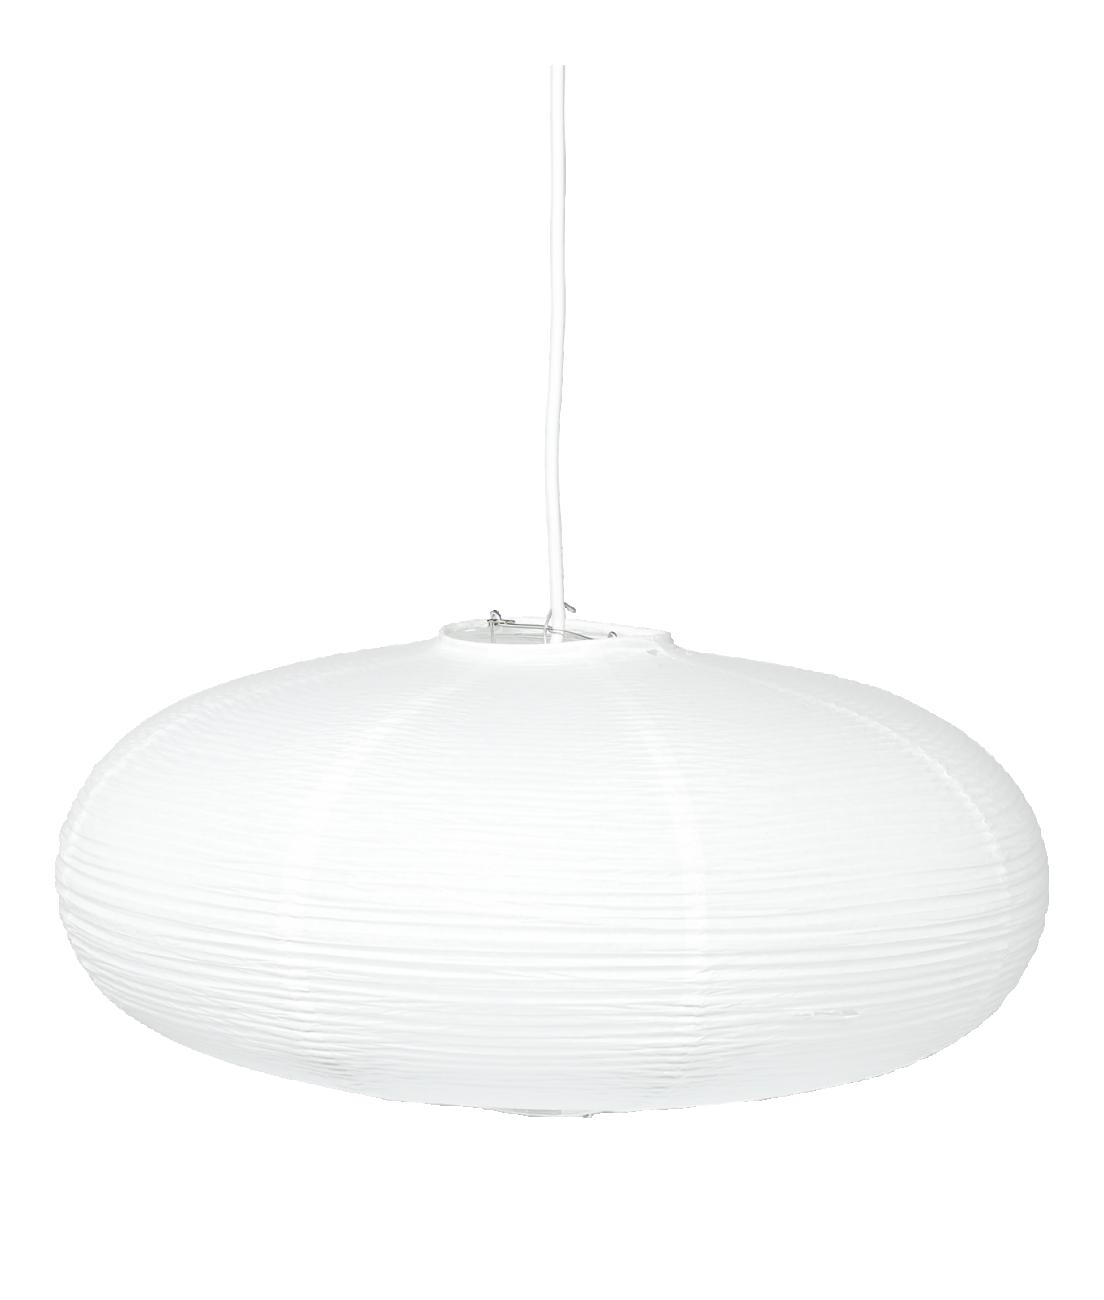 shiro hängelampenschirm aus papier | leuchten | pinterest | ceiling